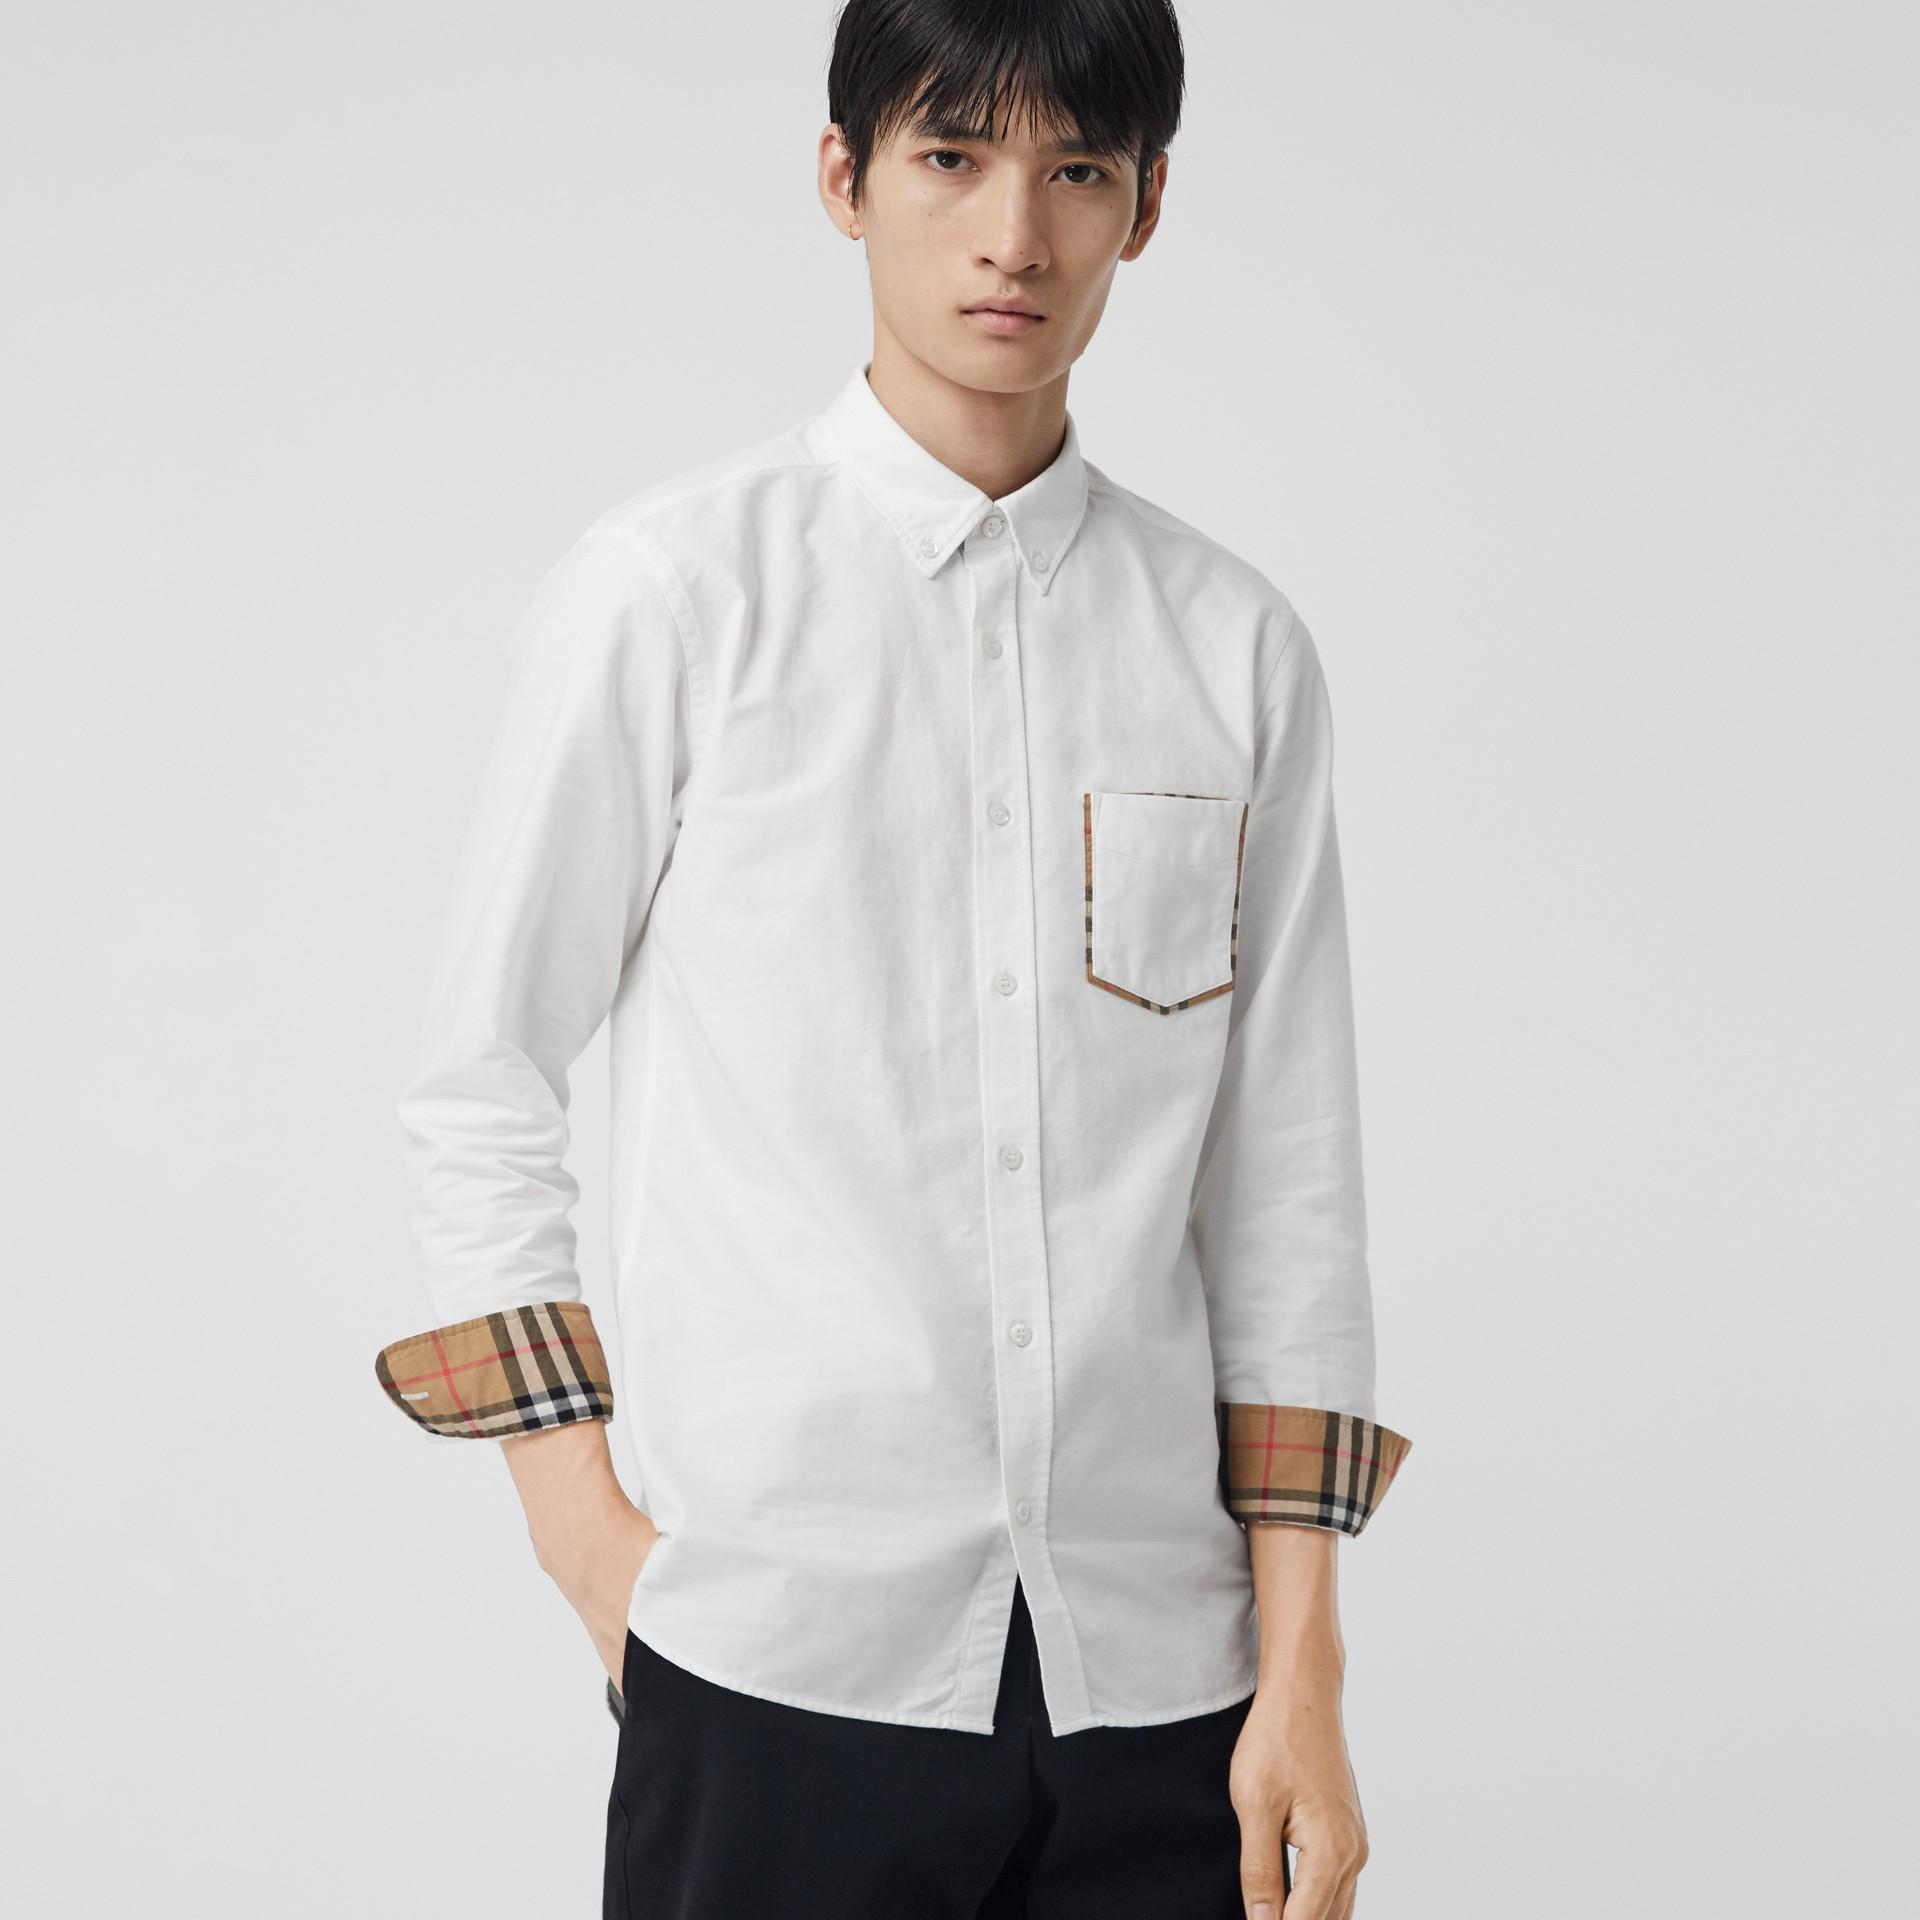 チェックディテール コットン オックスフォードシャツ (ホワイト) - メンズ | バーバリー - ギャラリーイメージ 4